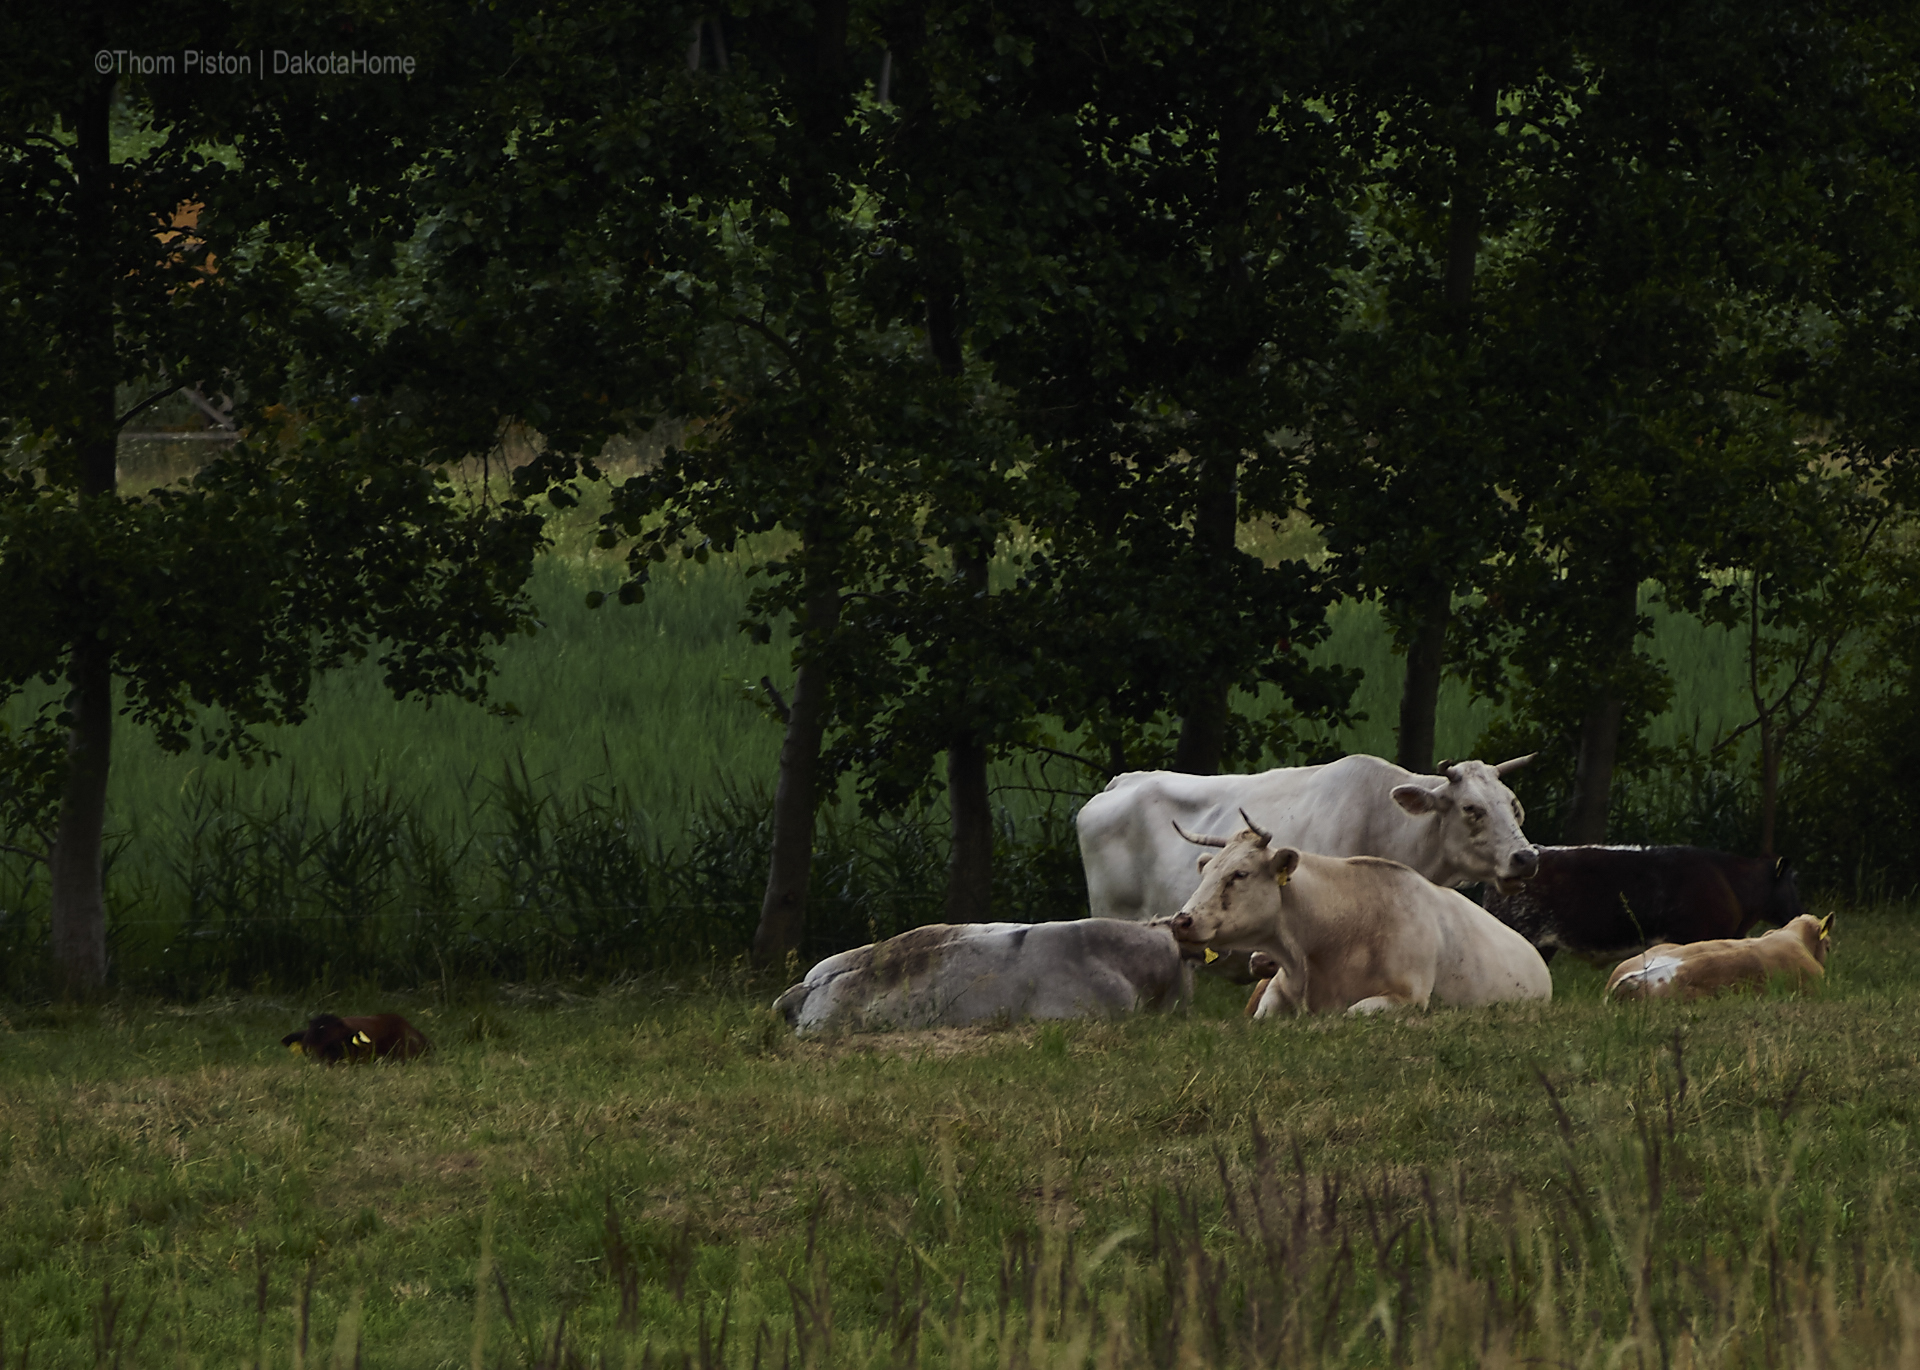 auch die Rinder sind noch müde zu der Zeit...